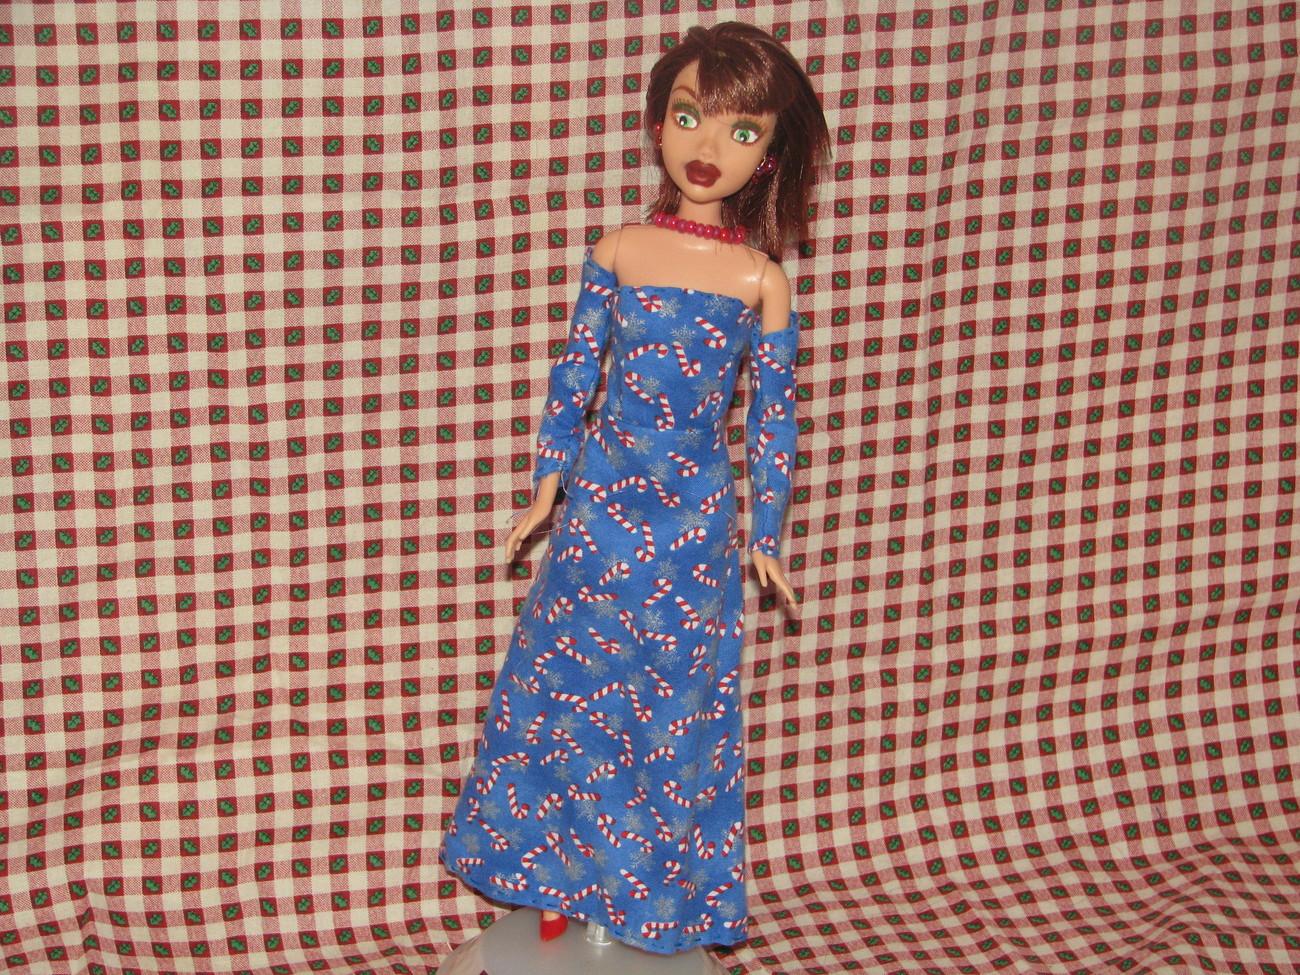 Fashion Doll Hope OOAK Christmas Barbie